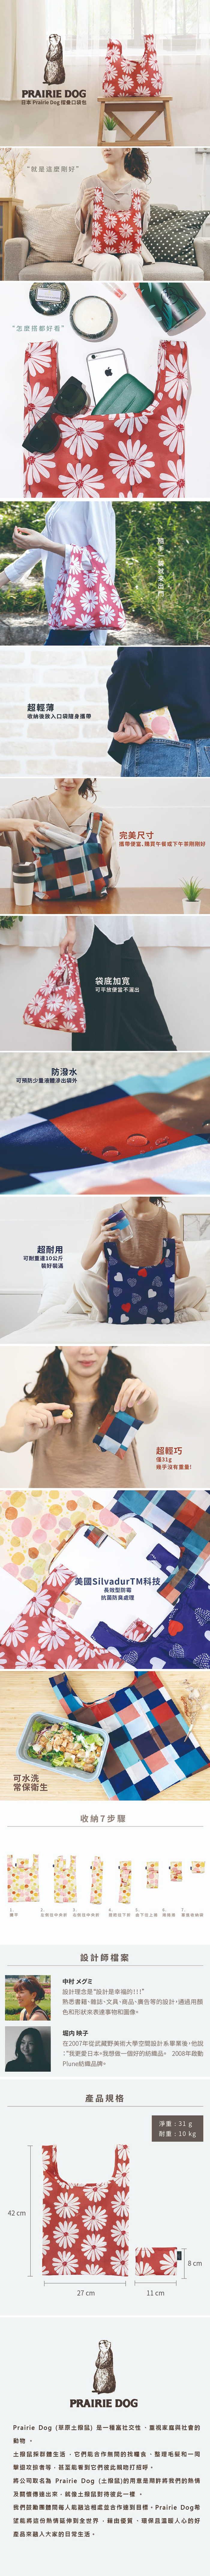 (複製)日本 Prairie Dog |摺疊口袋包 - 太陽雨